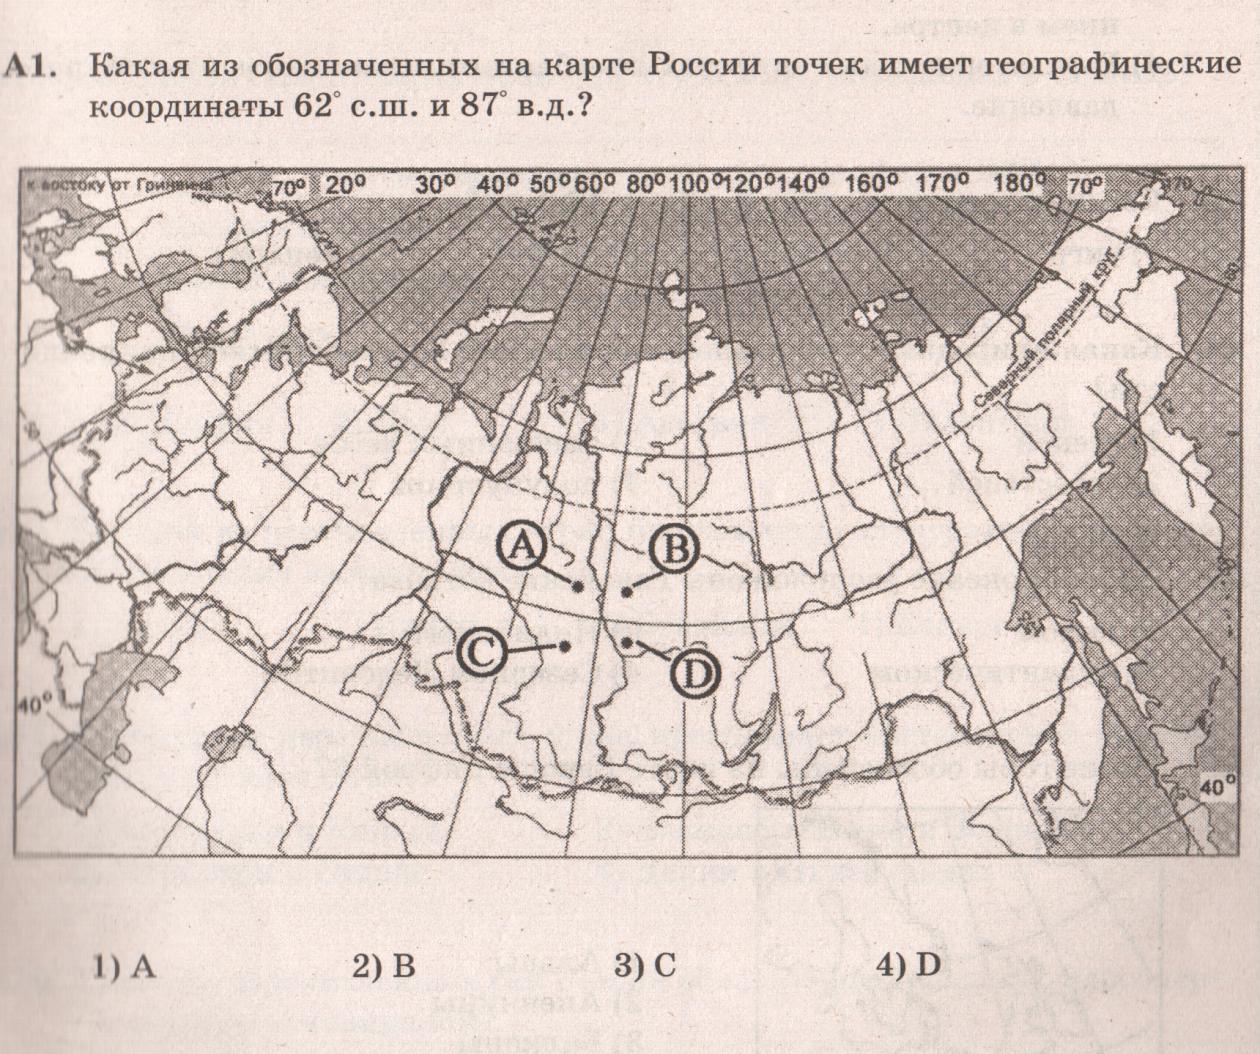 http://lib.znate.ru/pars_docs/refs/123/122598/122598_html_21b8124d.png